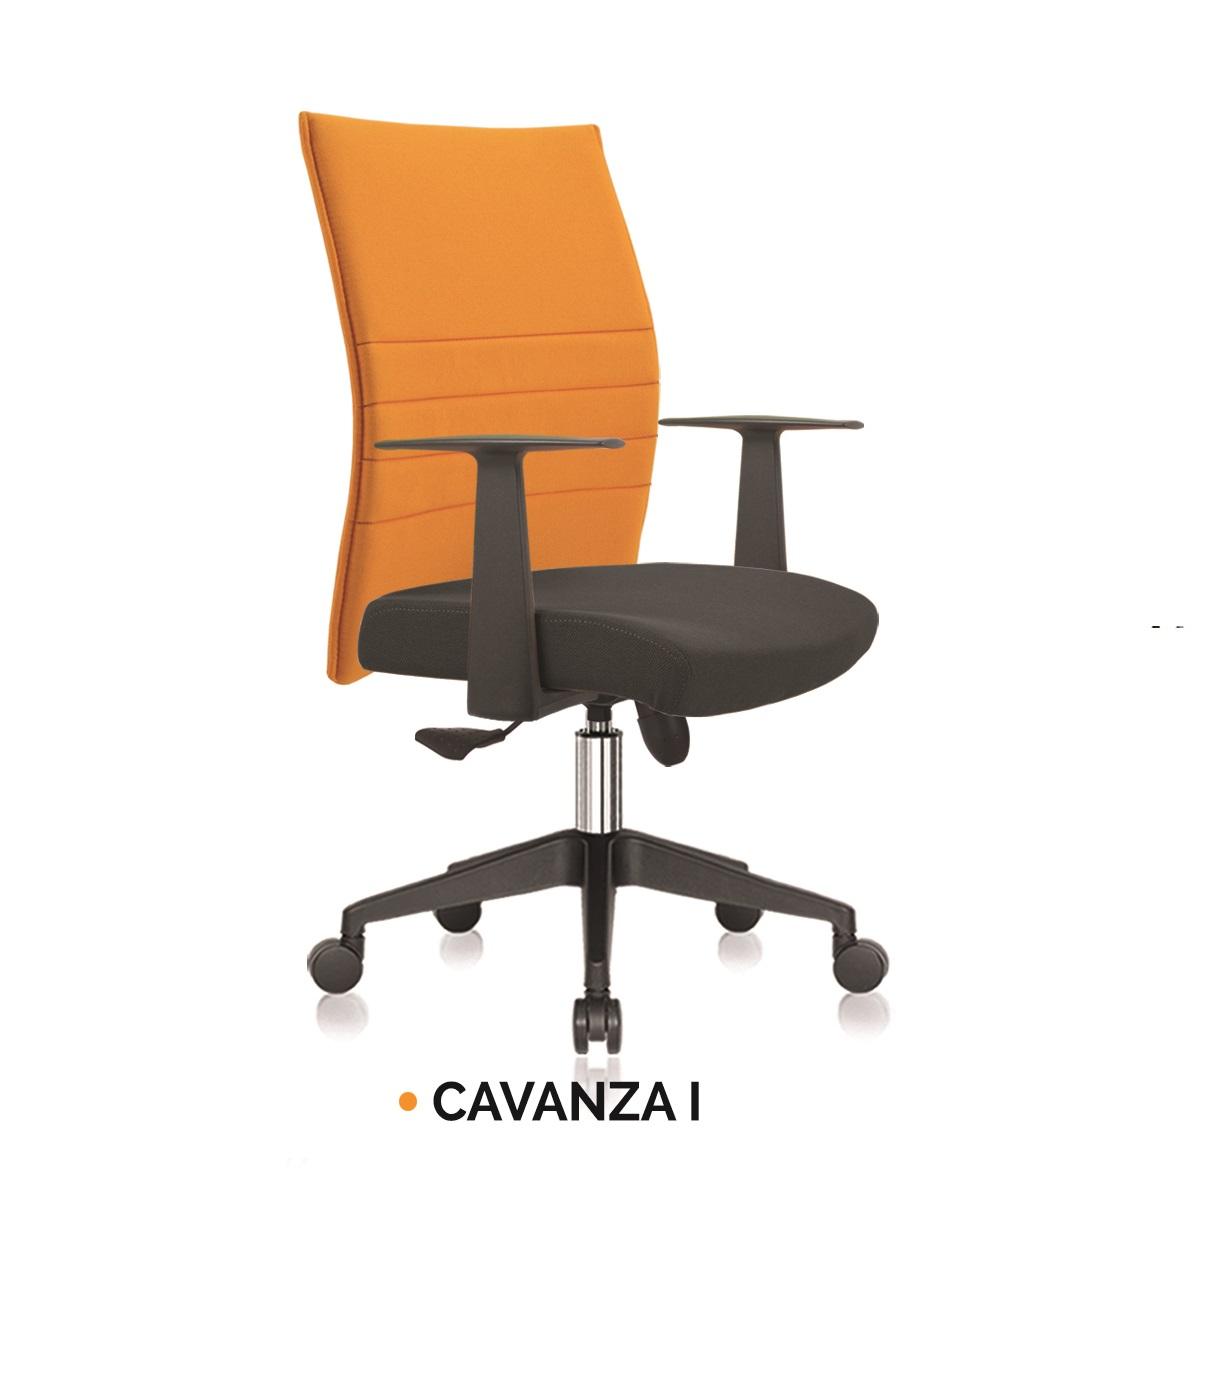 CAVANZA I